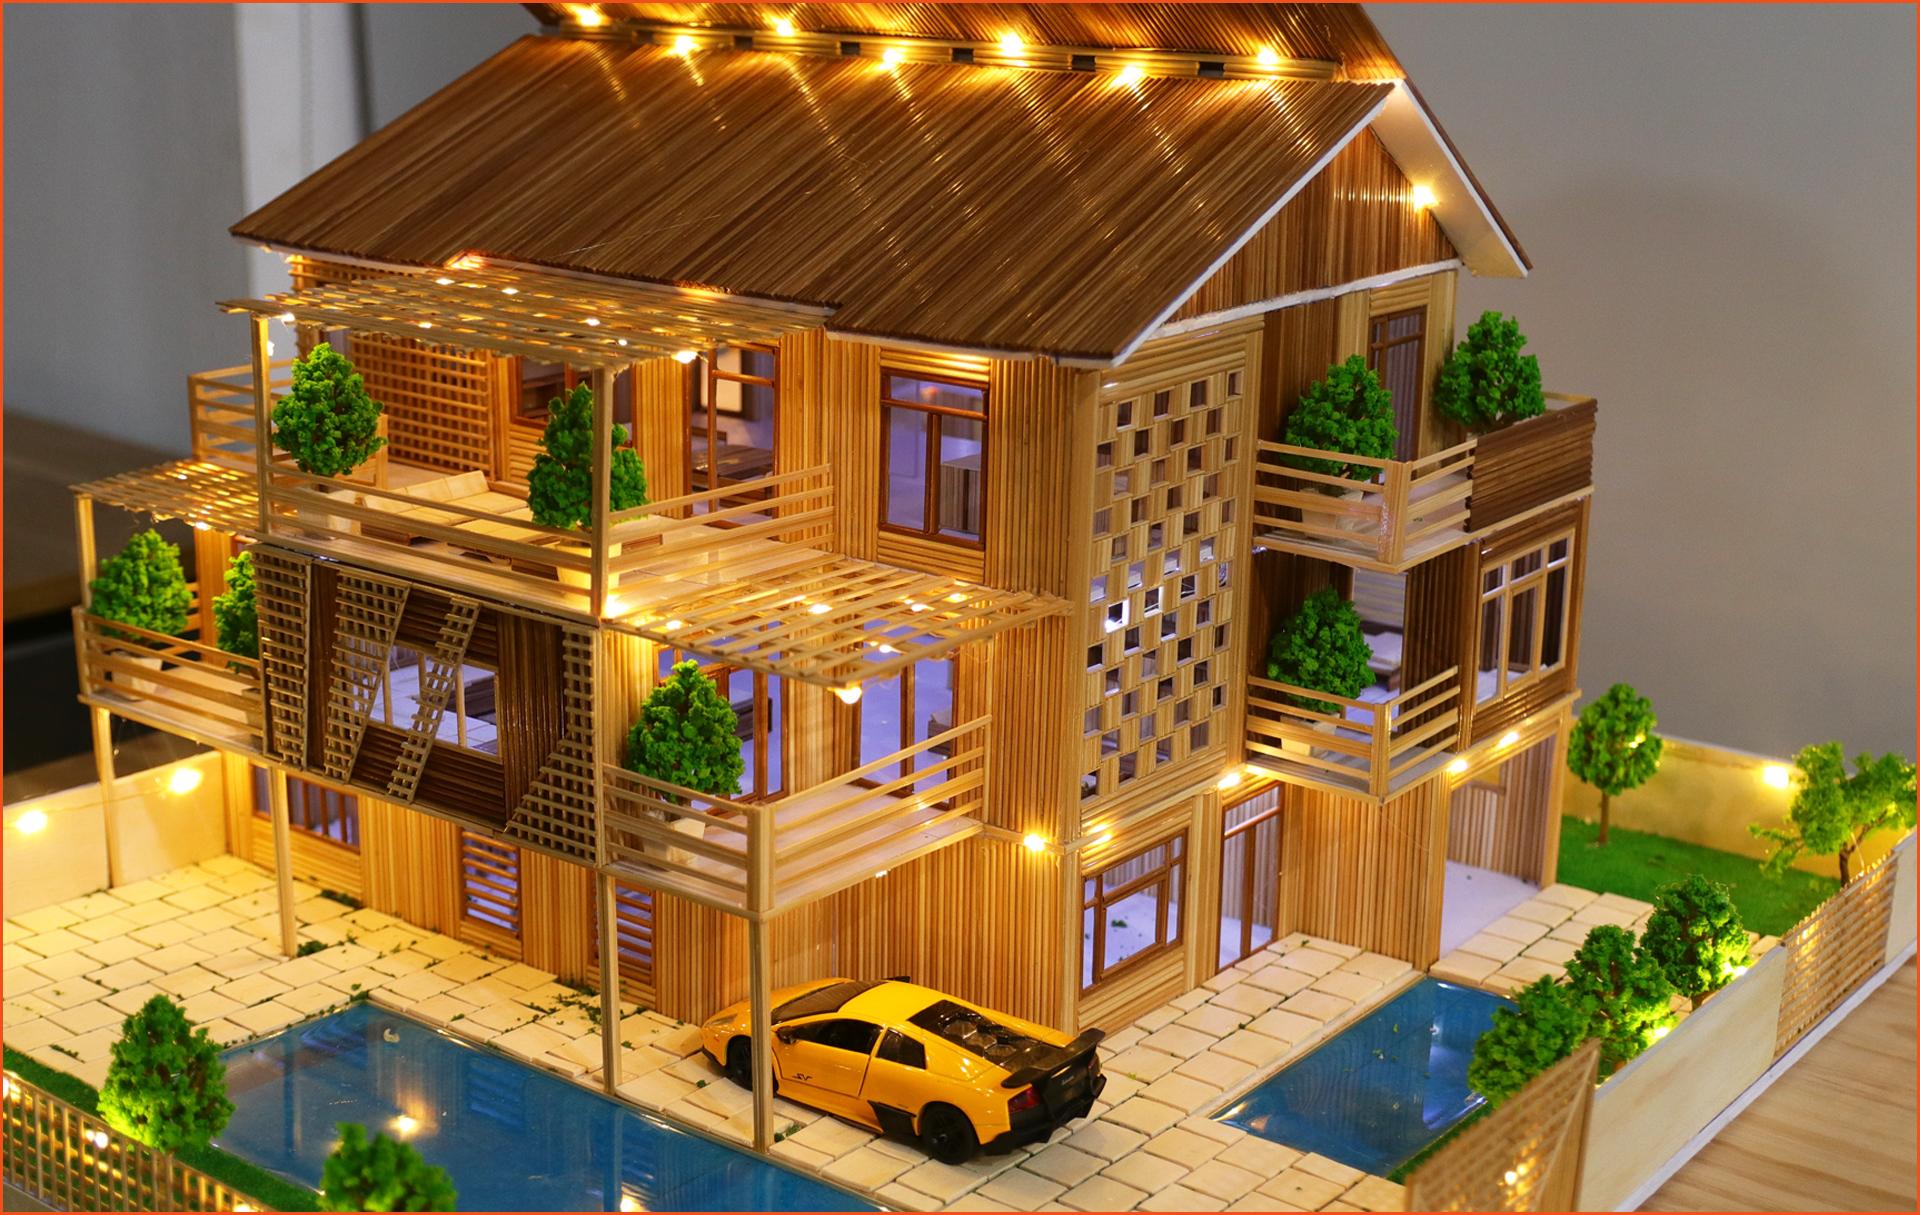 Mô hình nhà tăm tre